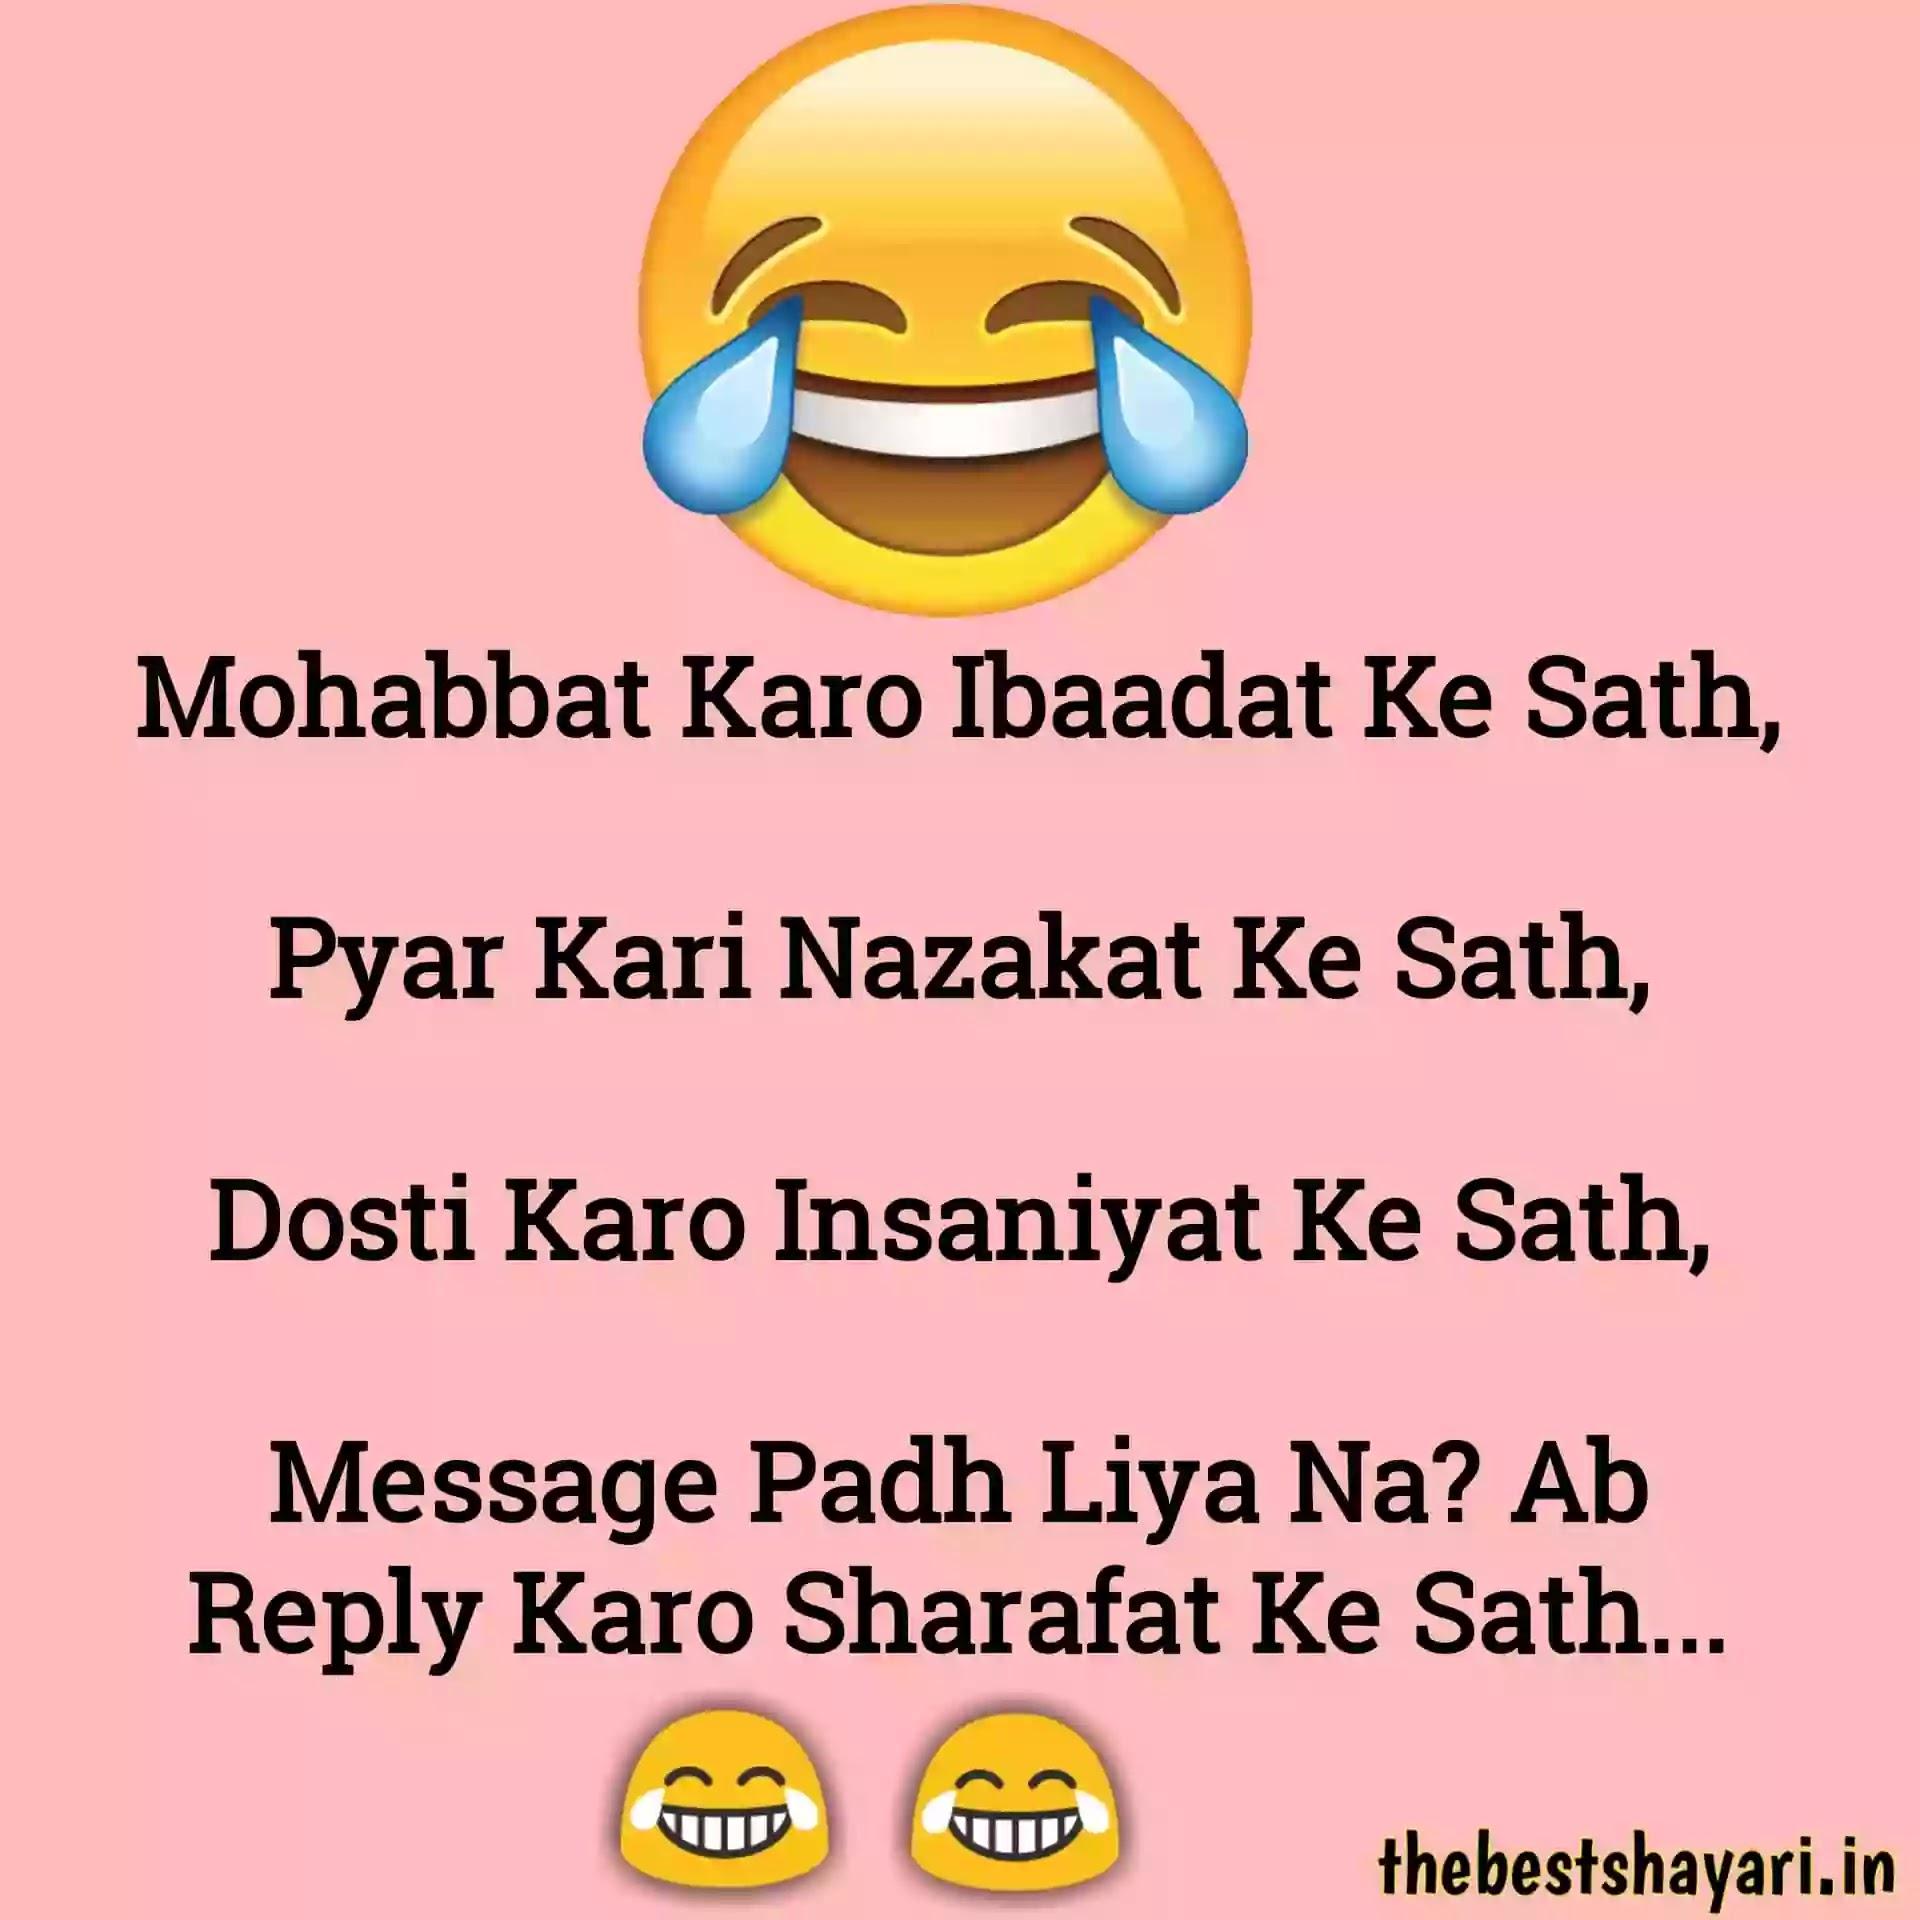 Friendship joke in English